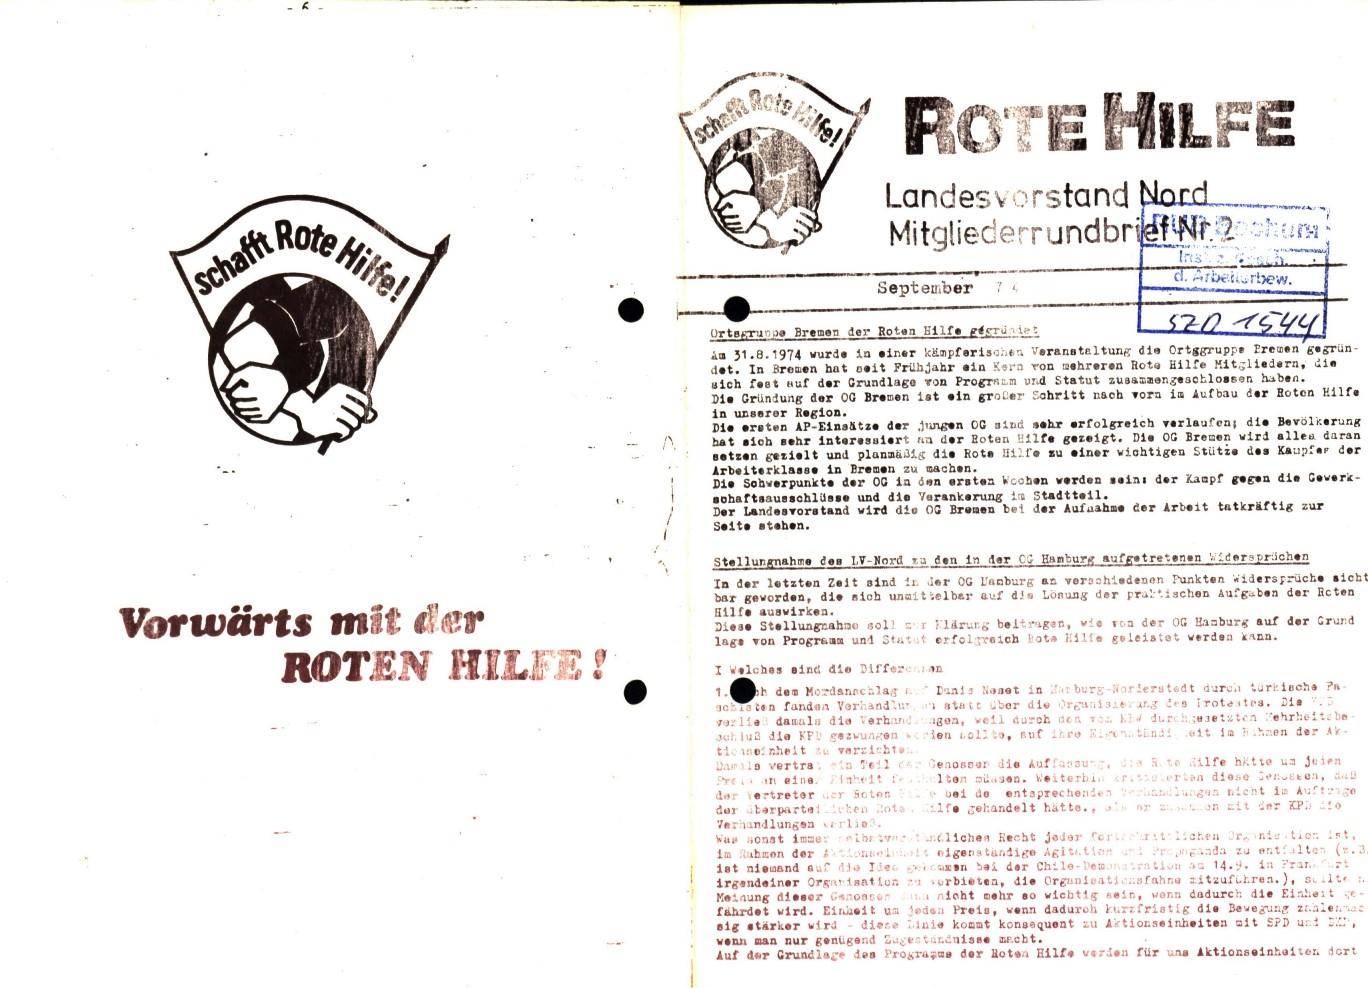 NOR_RHeV_Mitgliederrundbrief_19740900_01